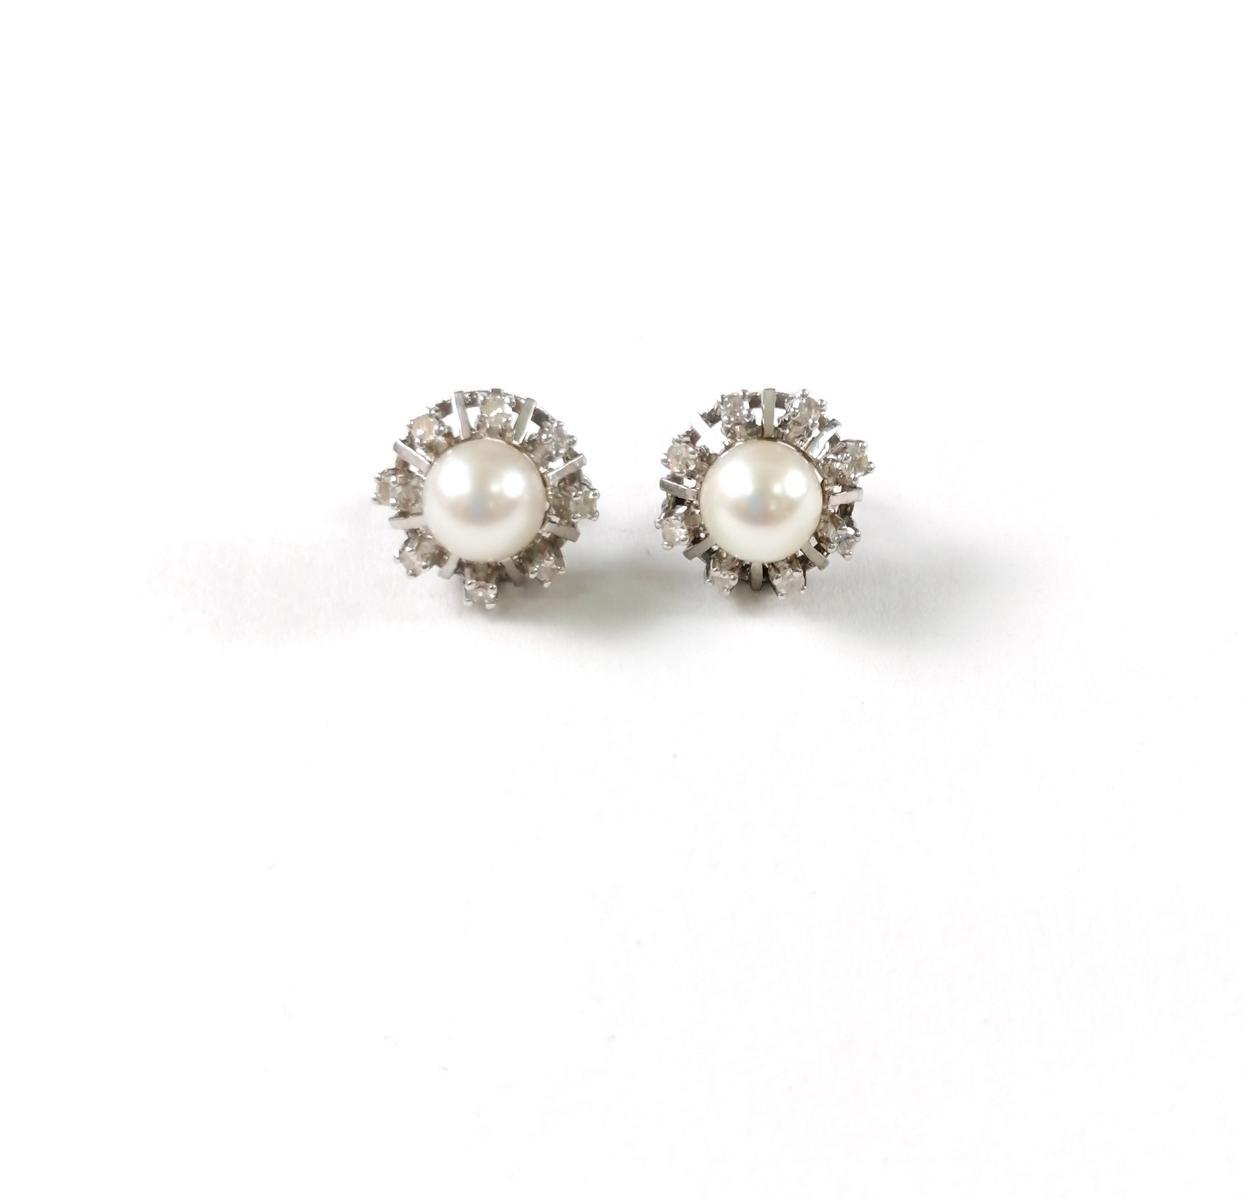 18 Karat Weißgold Ohrstecker mit Diamanten und Perlen